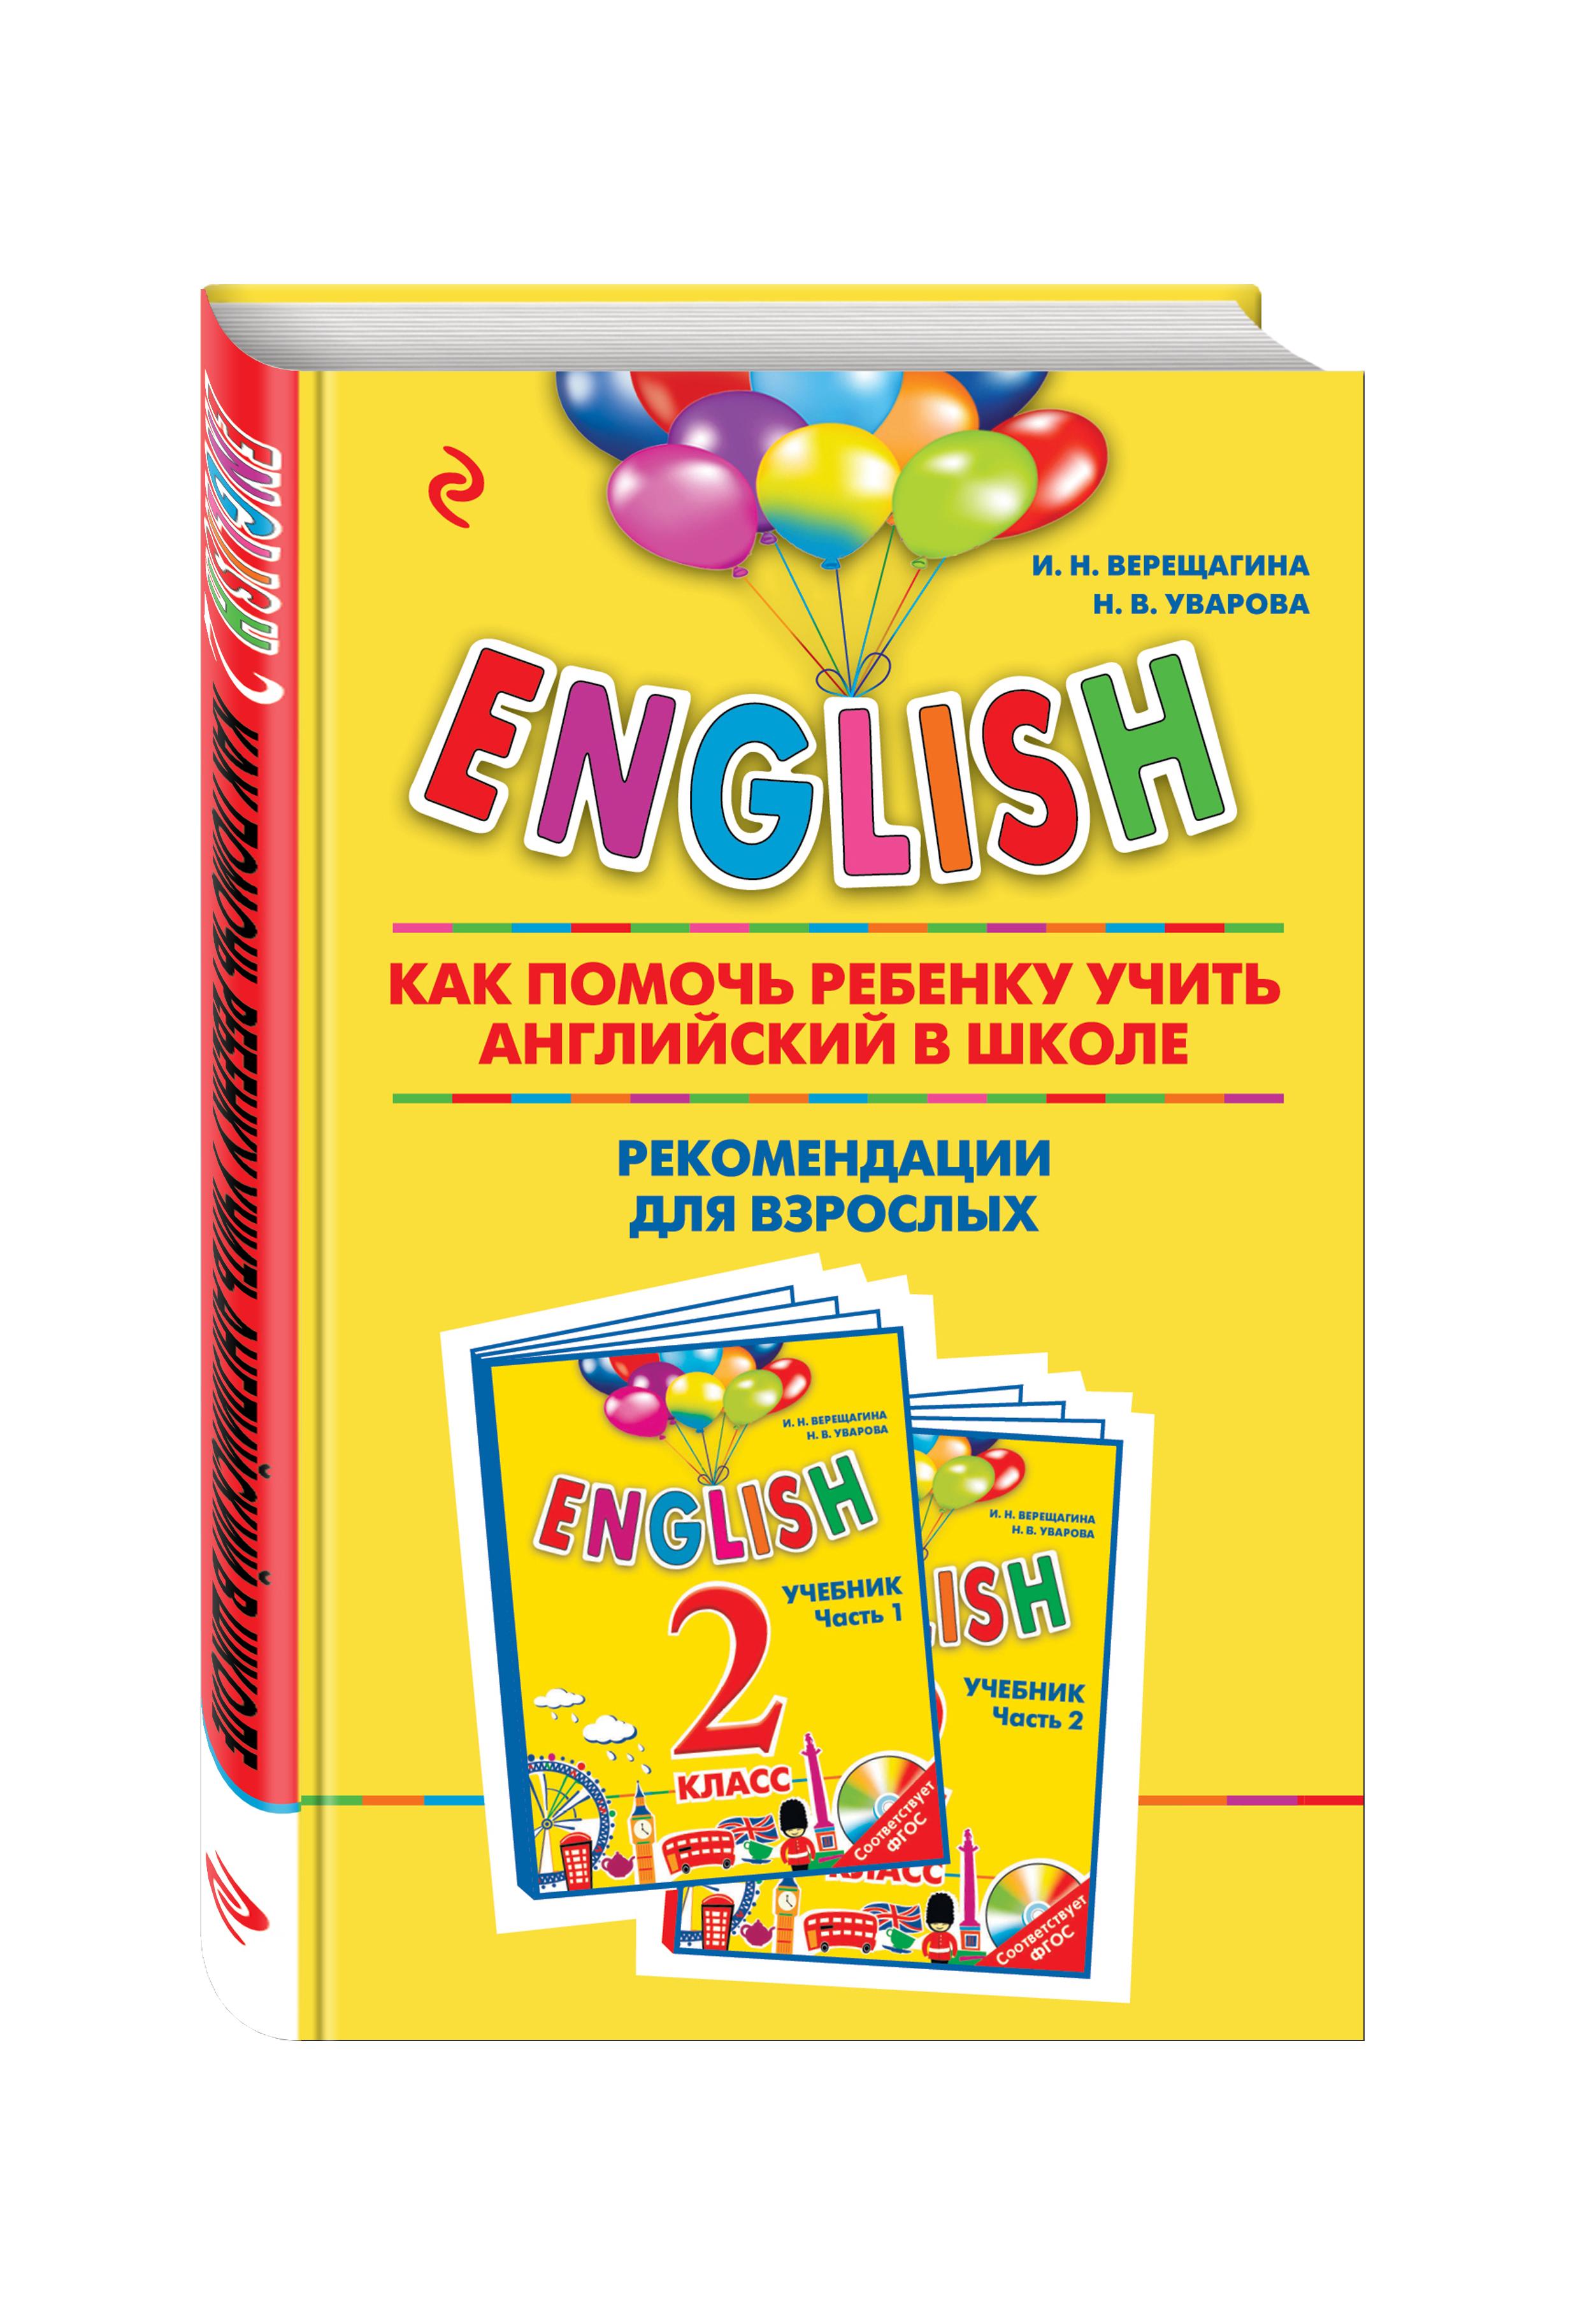 """ENGLISH. 2 класс. Как помочь ребенку учить английский в школе. Рекомендации для взрослых к комплекту пособий """"ENGLISH. 2 класс"""" ( И.Н. Верещагина, Н.В. Уварова  )"""